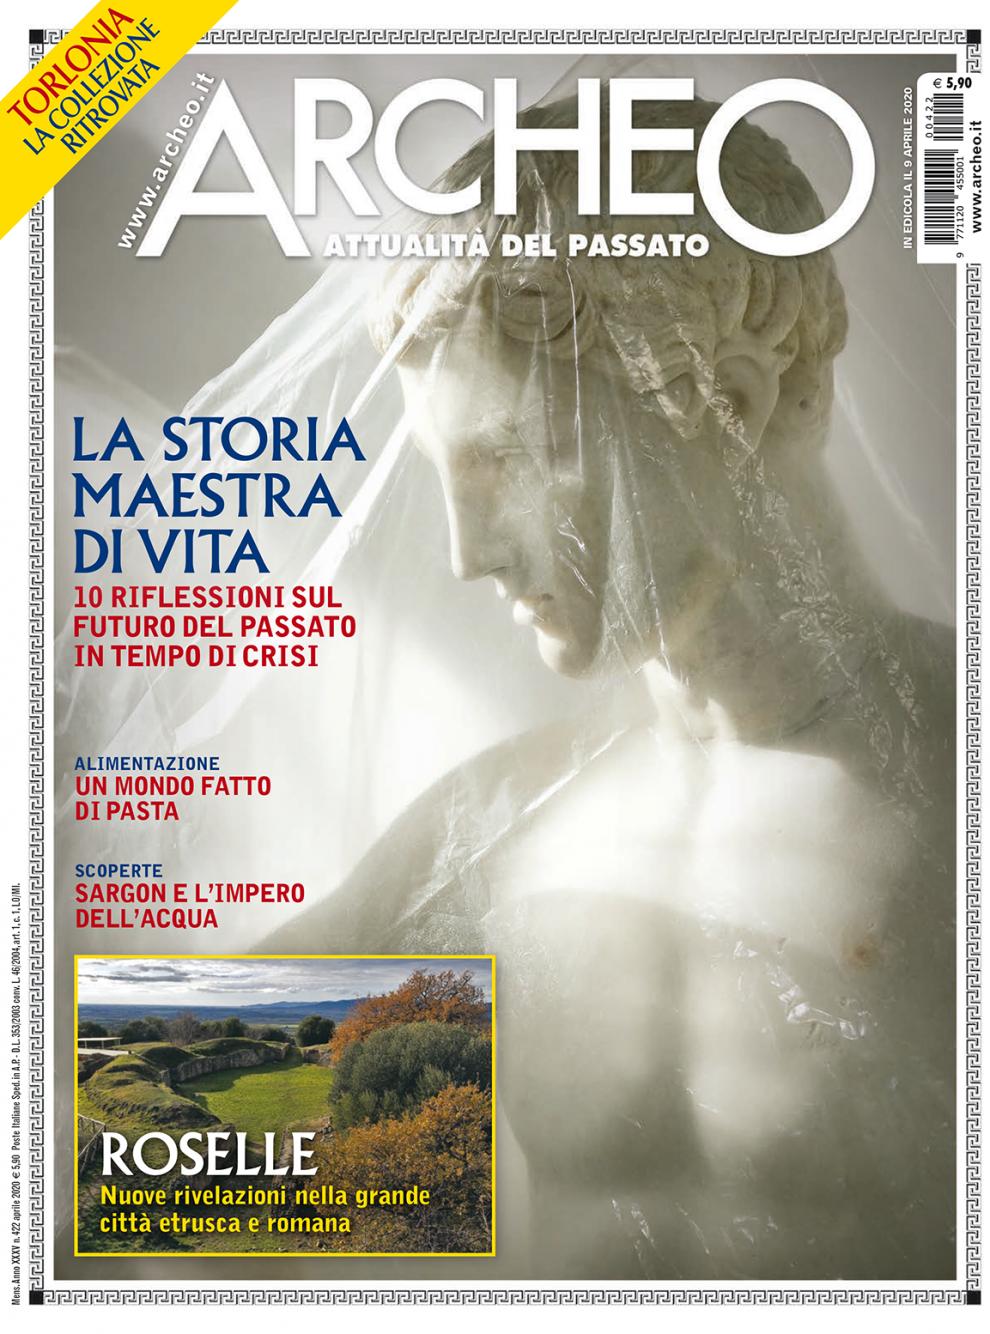 Copertina di Archeo n. 422, Aprile 2020